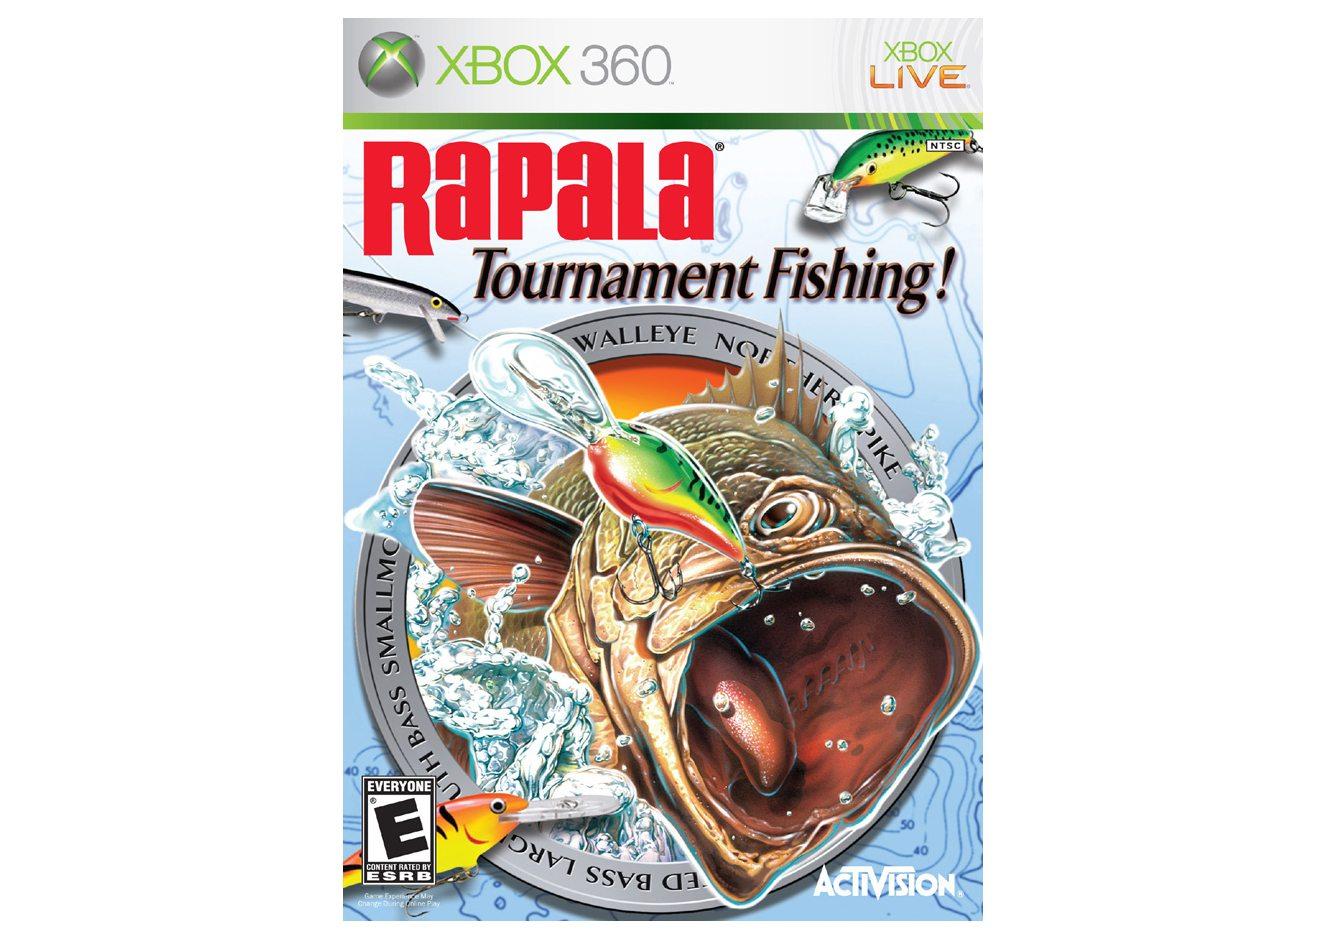 Xbox 360 Rapala Fishing Xbox 360